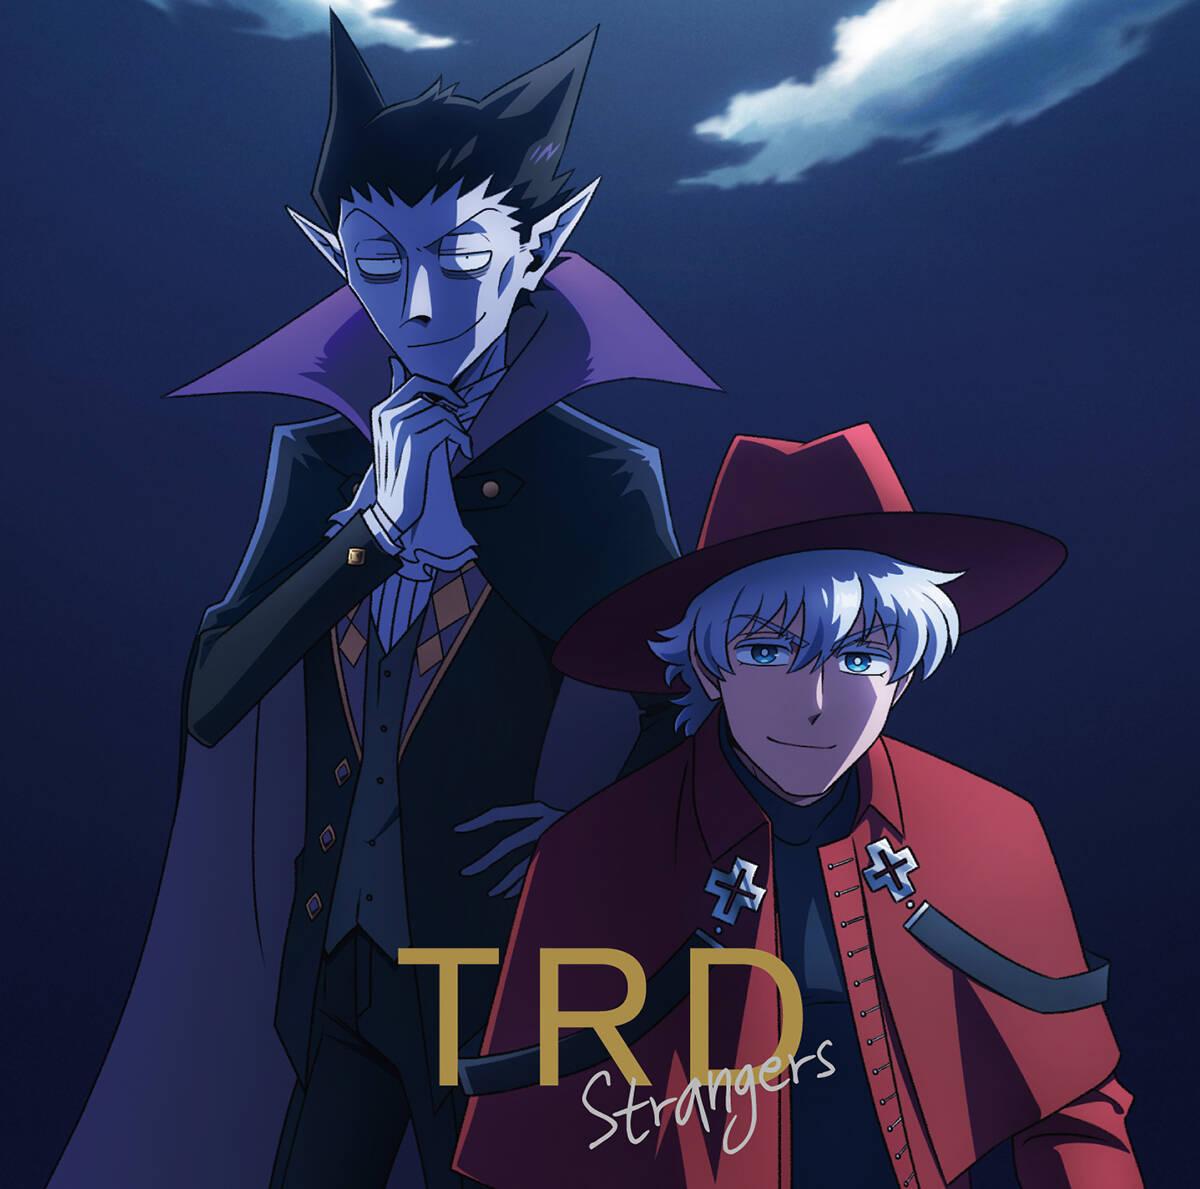 『吸血鬼すぐ死ぬ』TRD(近藤孝行&小野大輔)によるED楽曲「Strangers」先行配信スタート!